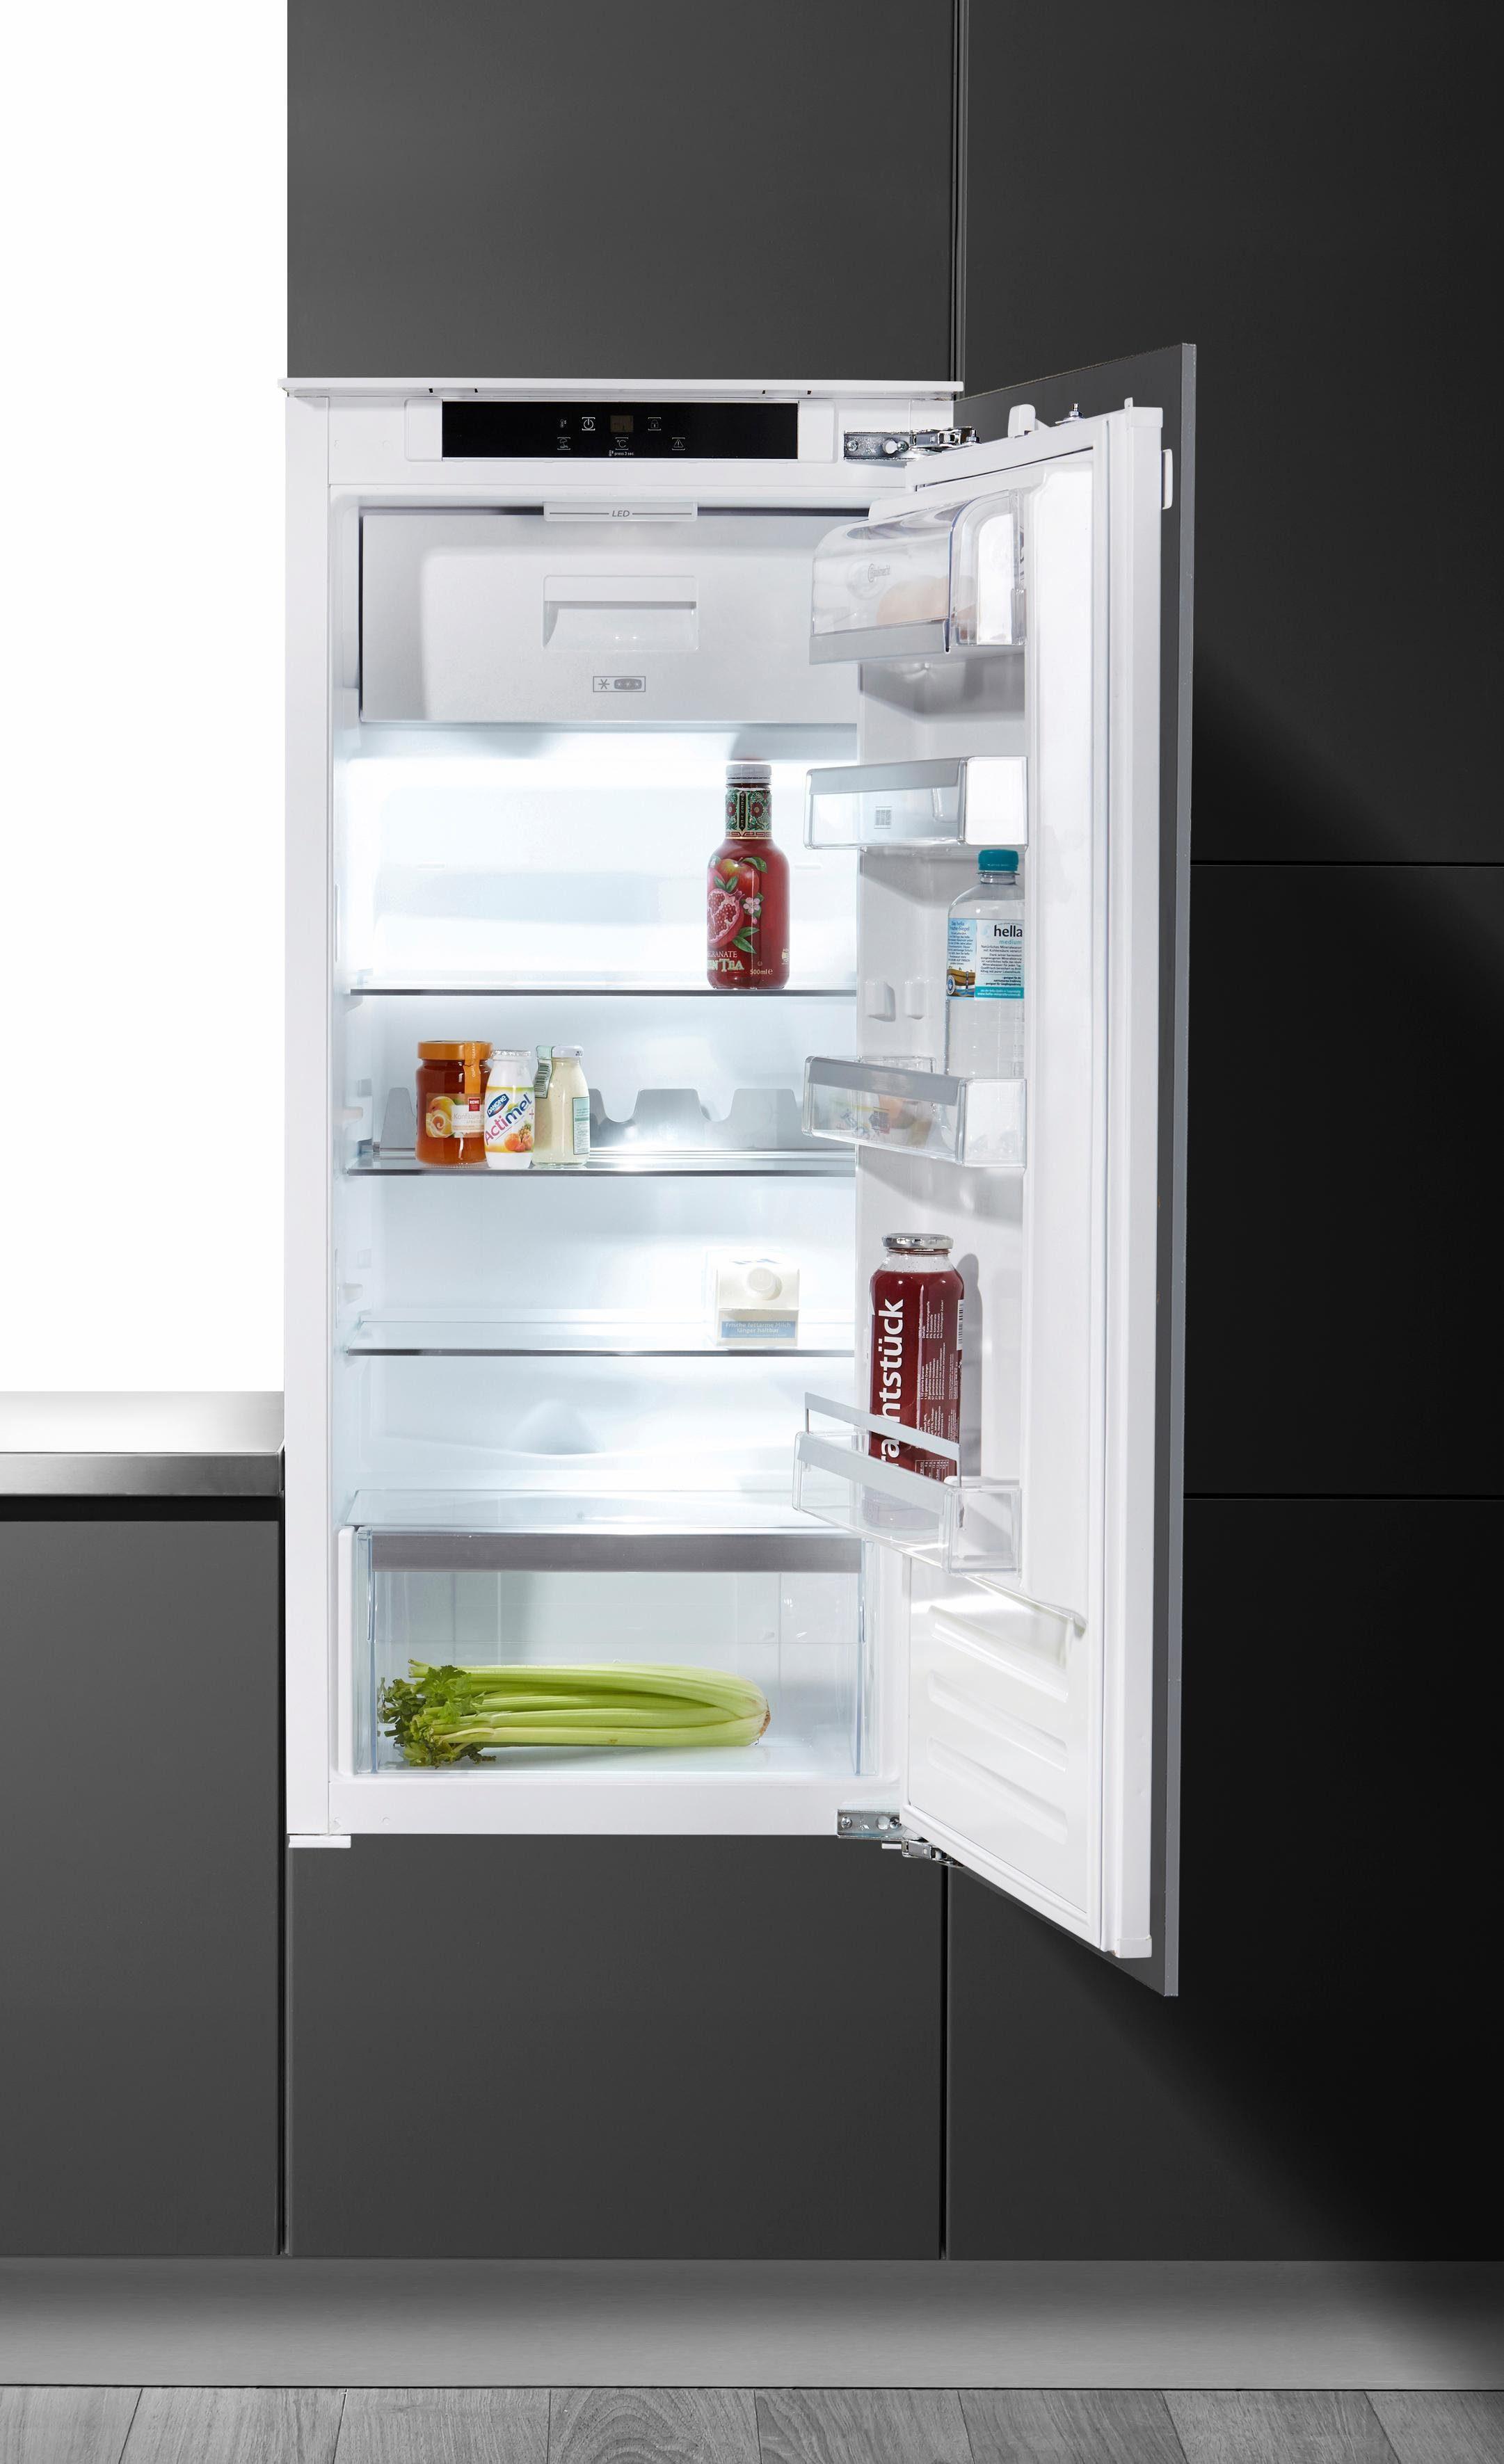 Bauknecht integrierbarer Einbau-Kühlschrank KVIE 2124 A+++, 122 cm